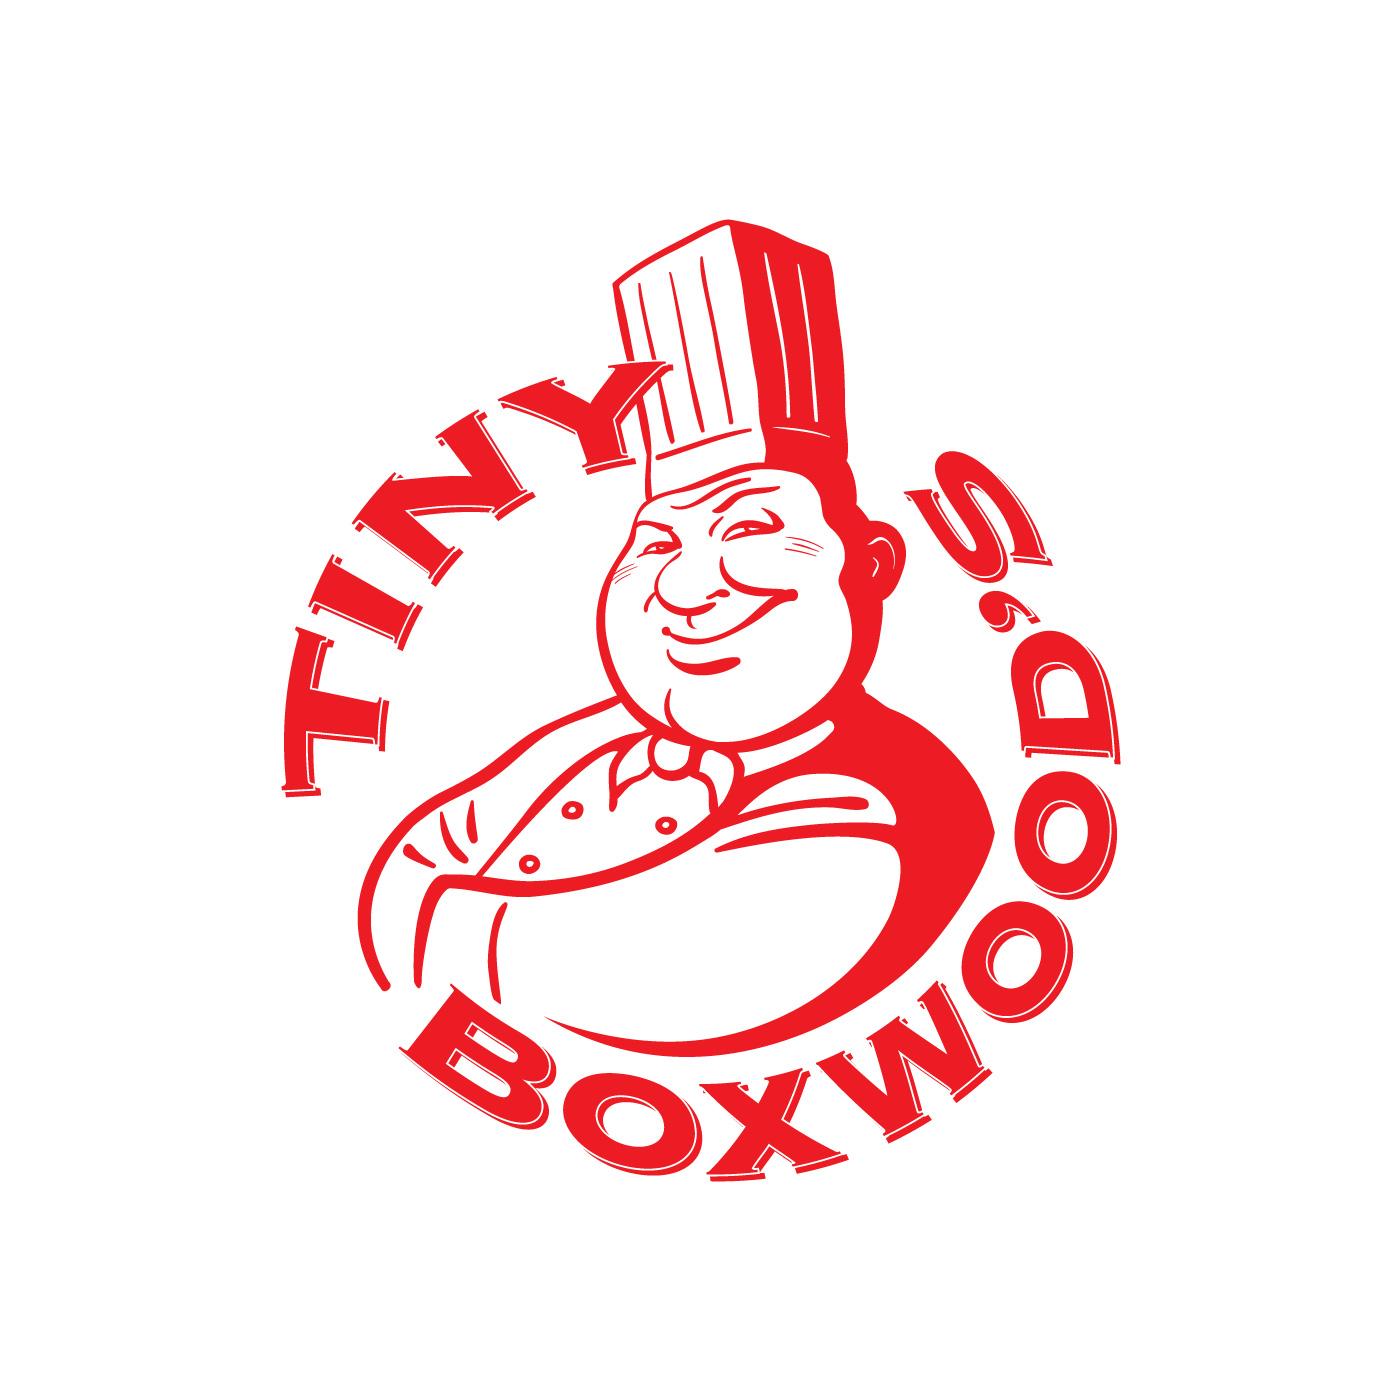 Tiny Boxwoods